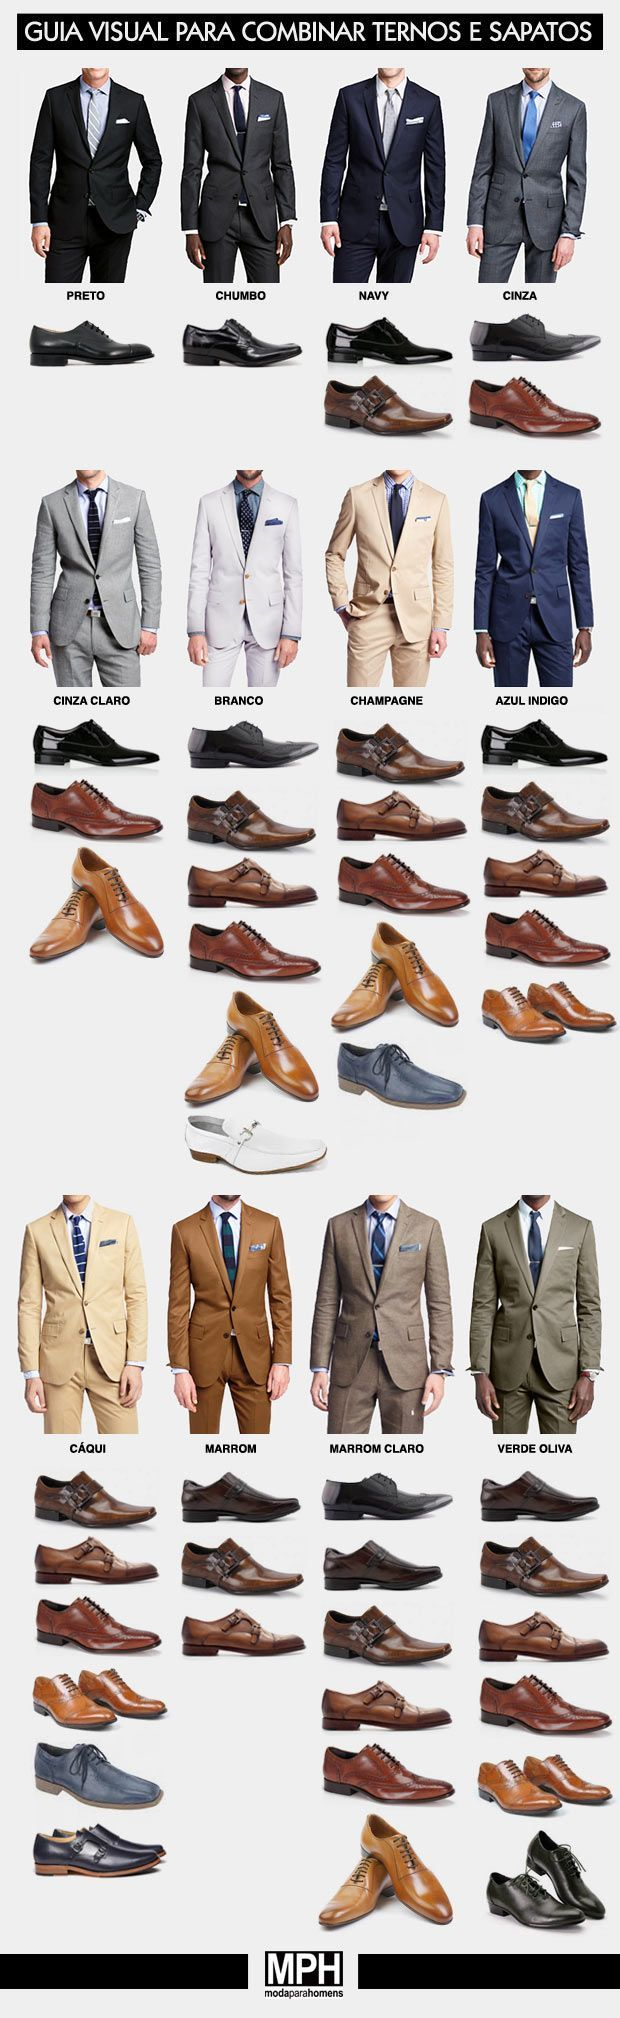 スーツとシューズの相性一覧